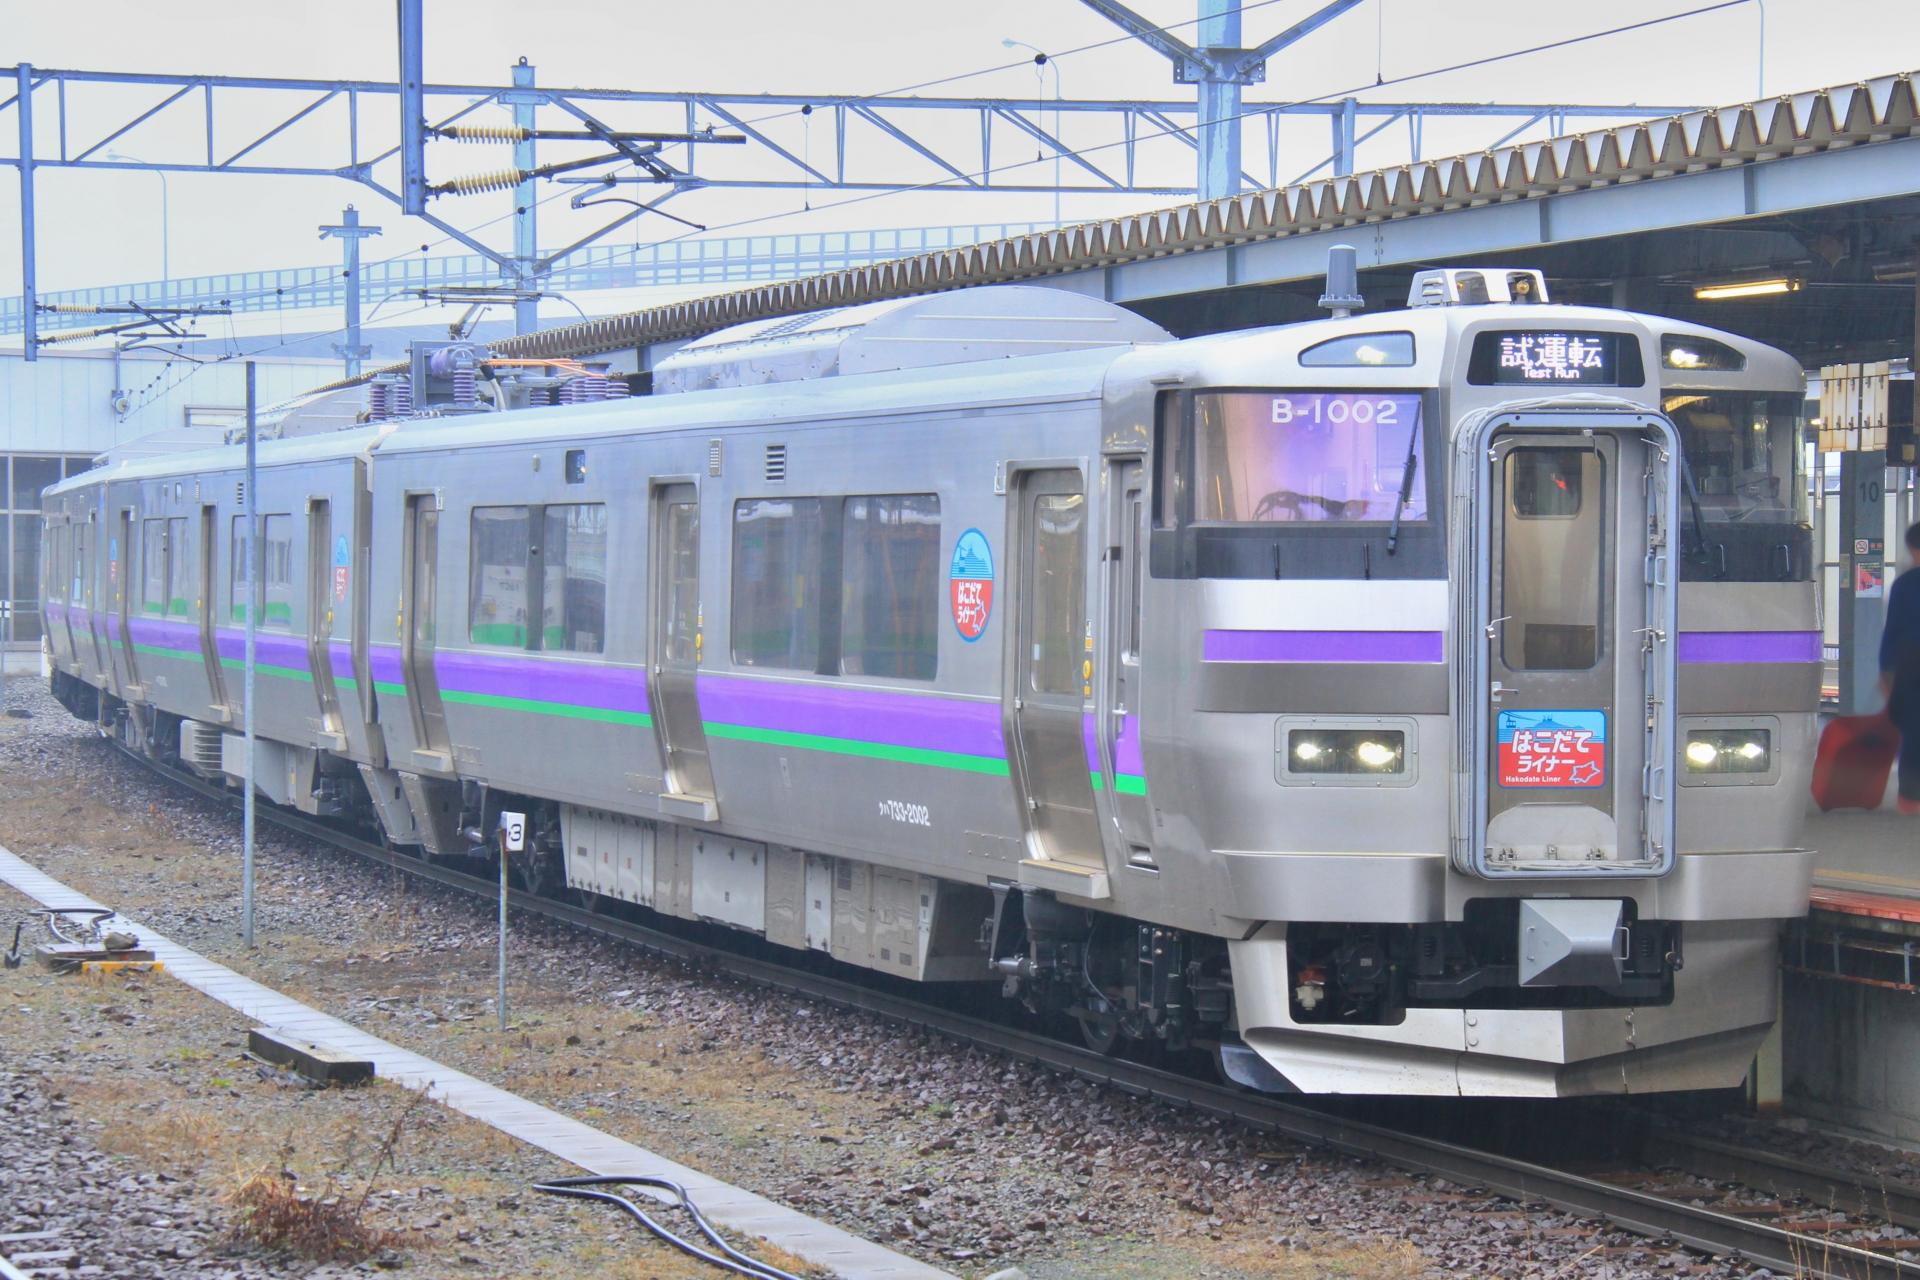 北海道で電車が走るのはどこ?JR北海道の電化区間と非電化区間を紹介